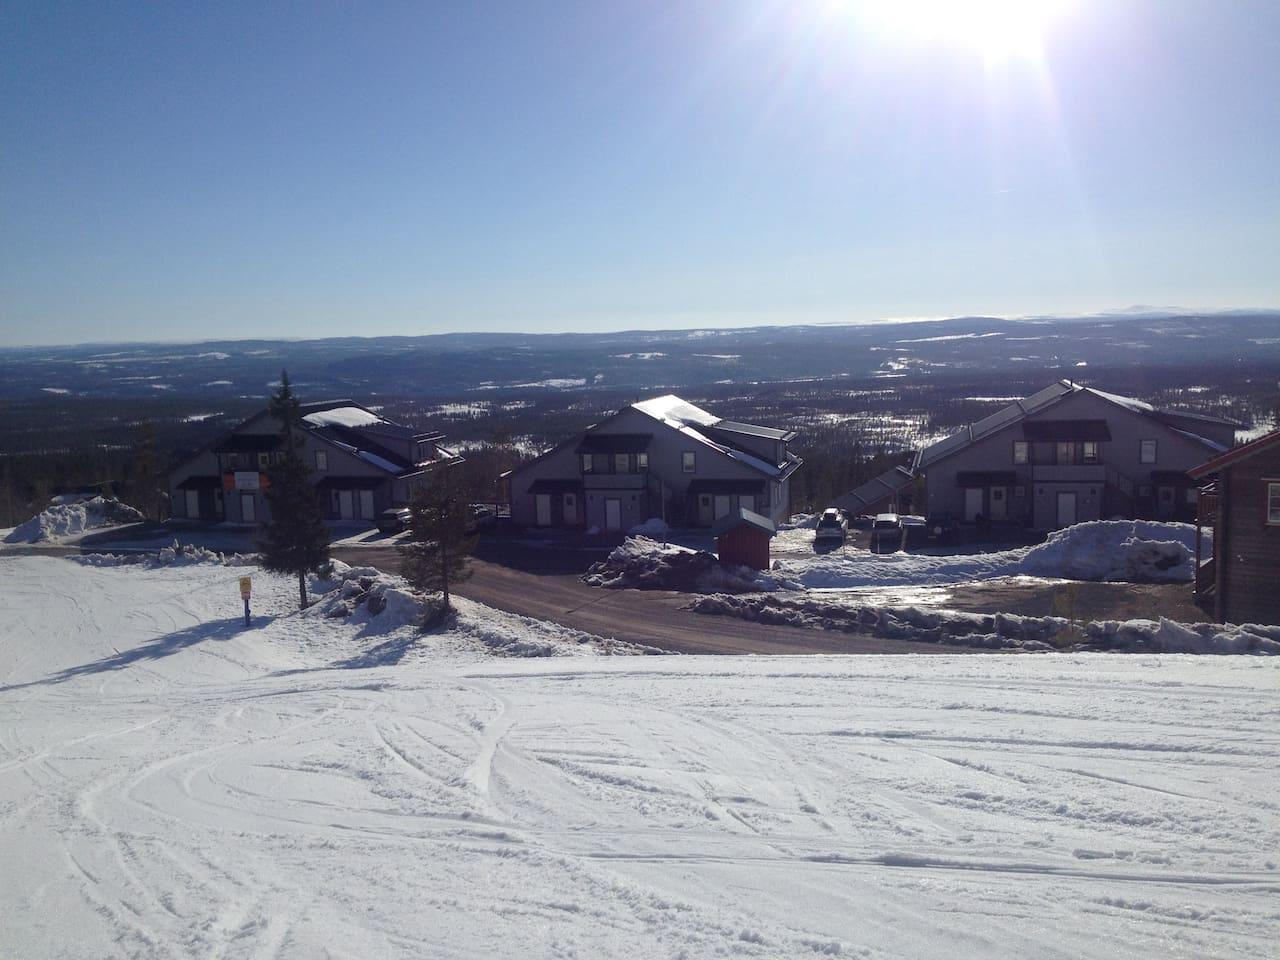 Åk ner till vägen, plocka av skidorna och ta några steg och du är inne i stugan!